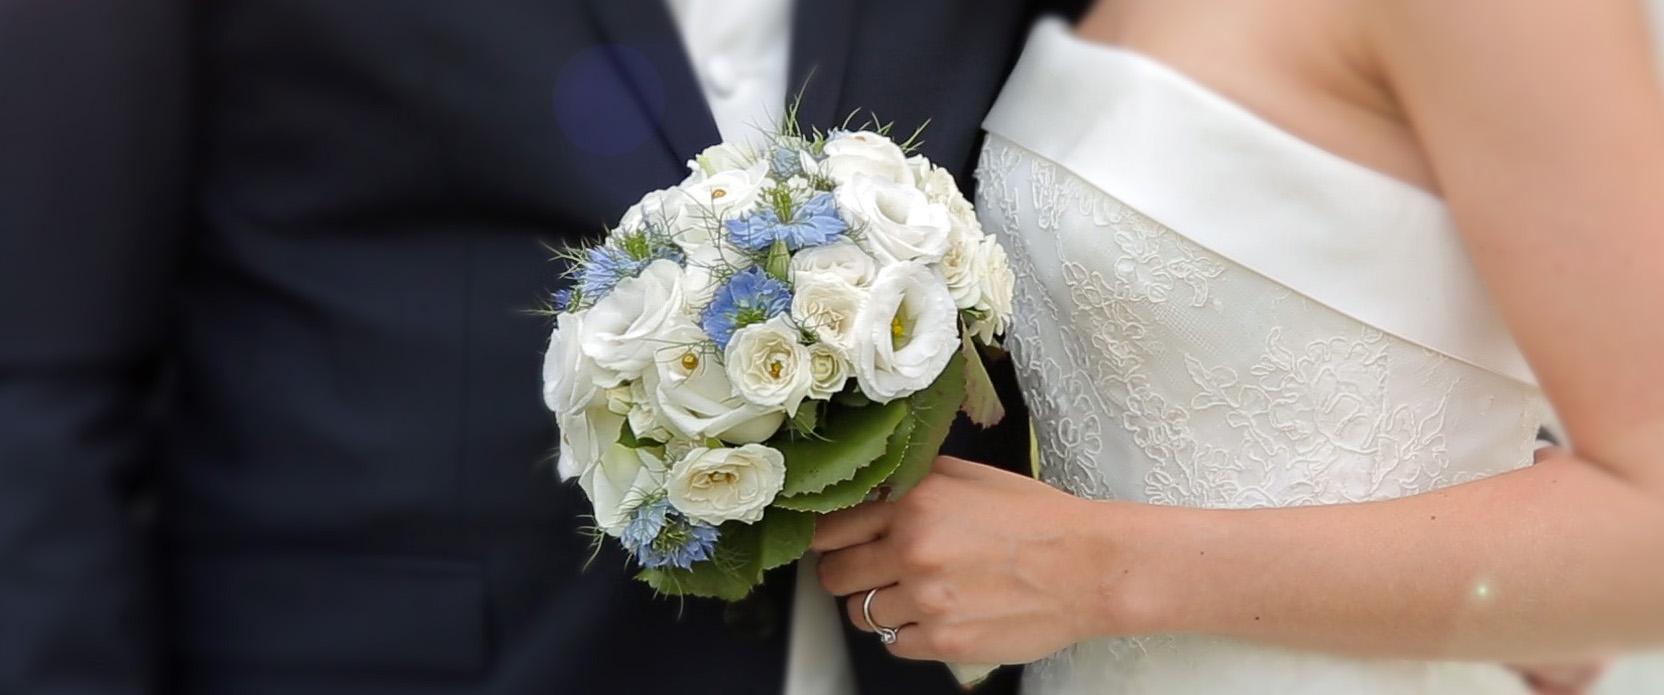 la bague au doigt le bouquet de la marie - Cameraman Mariage Lille